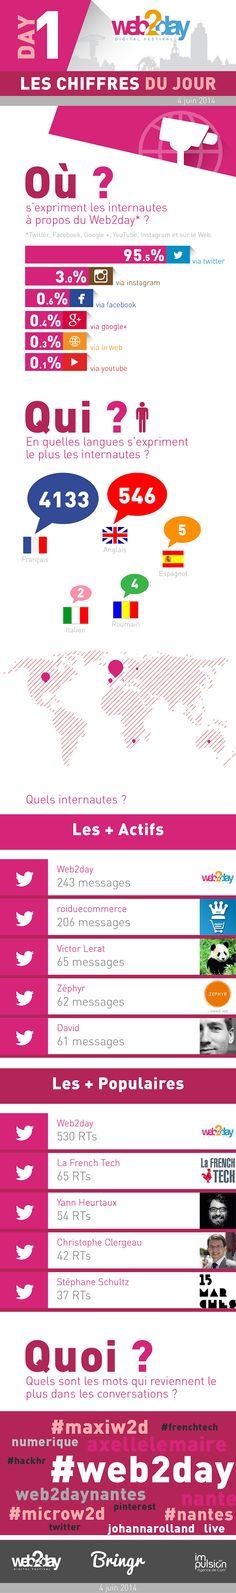 Social Média, le bilan de la 1ere journée : Les chiffres du #Web2day 2014 [édition 6] - 4 juin 2014 - #nantes #france #digital #festival #numerique #infographie